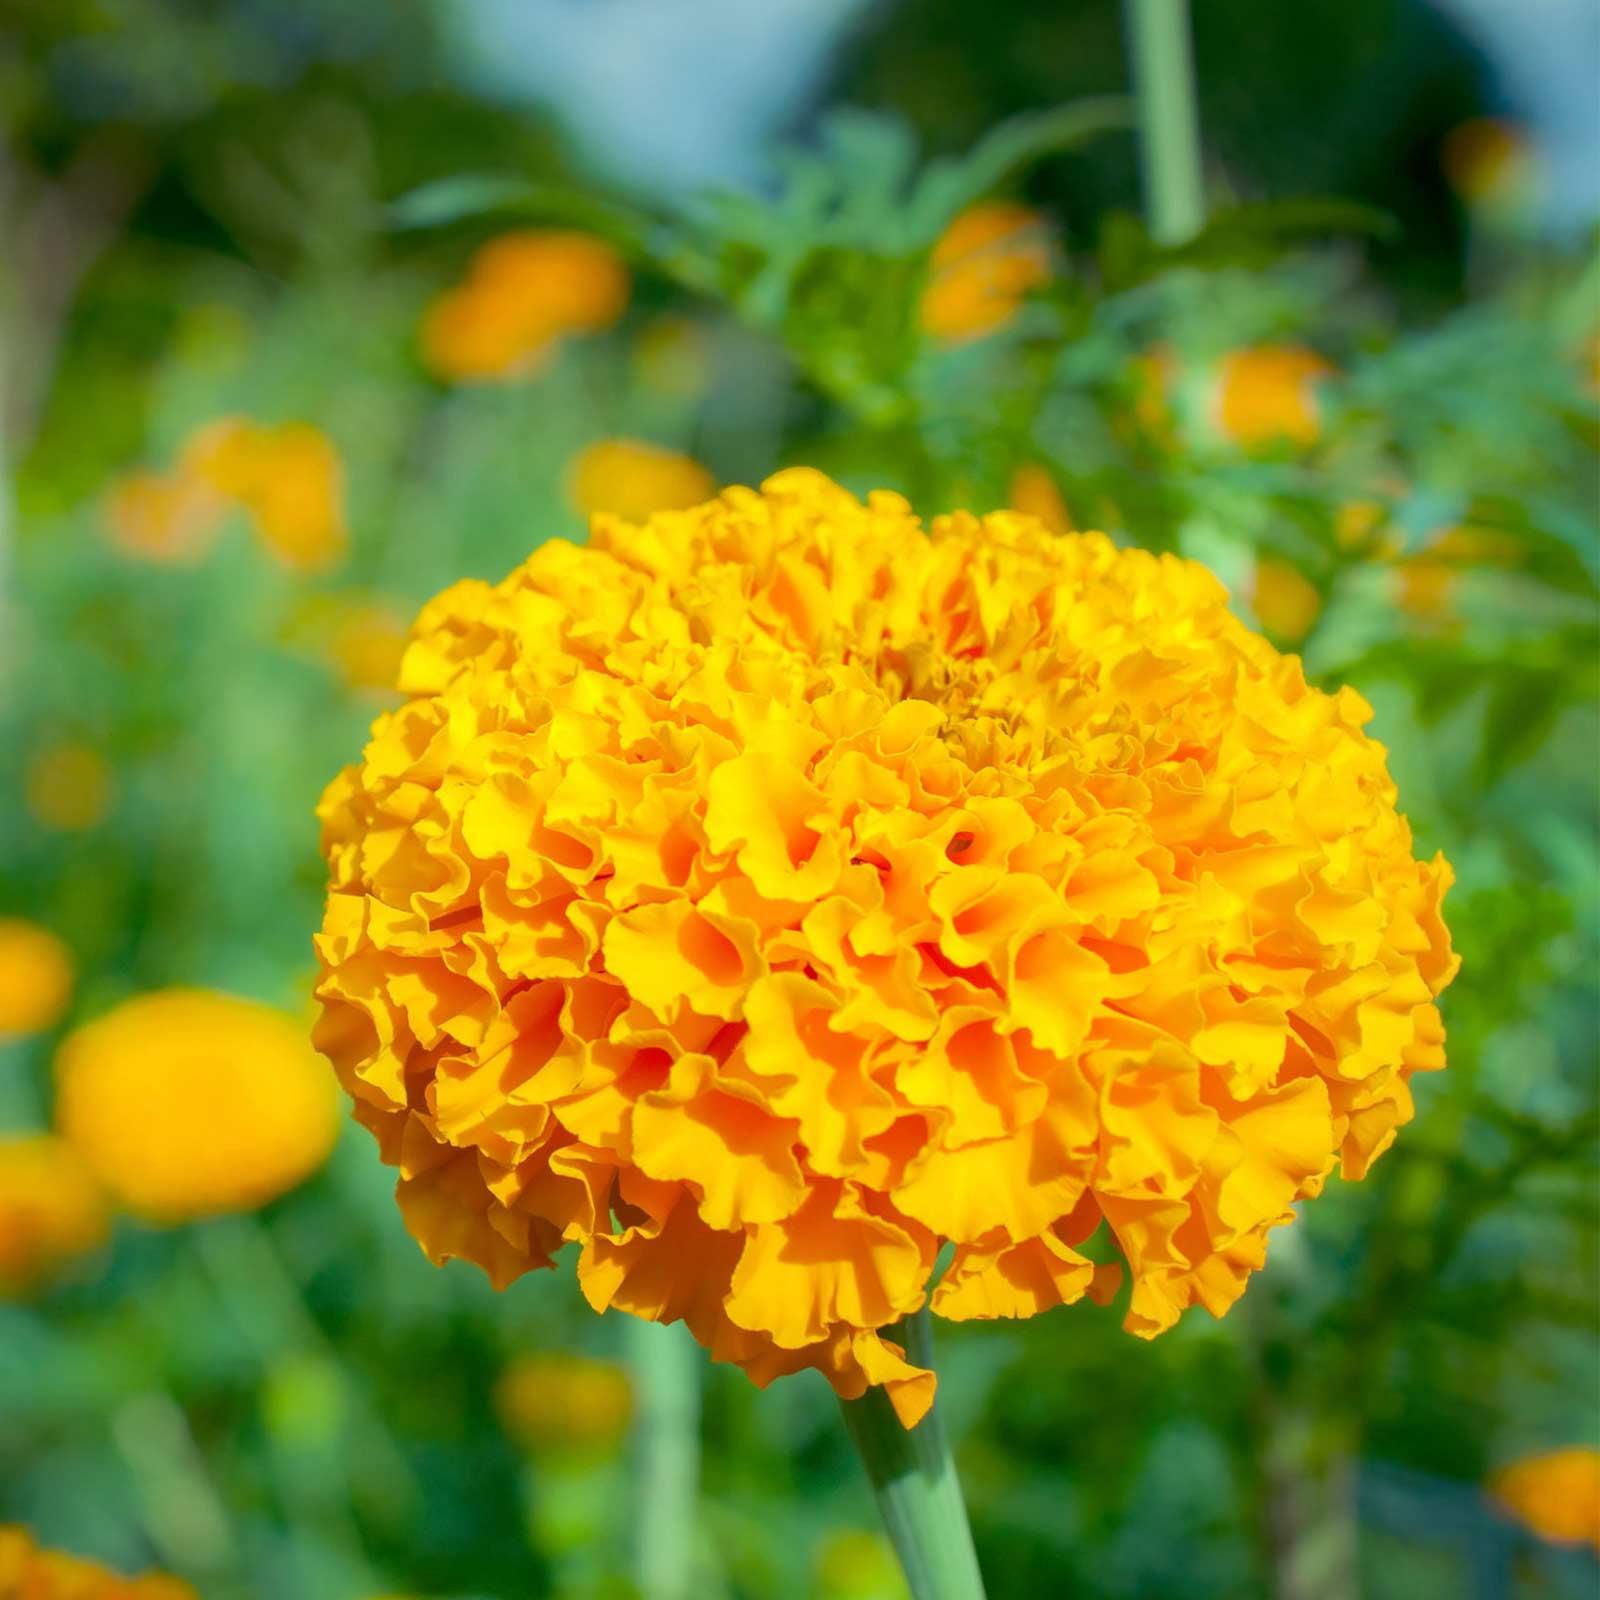 African Marigold Flower Garden Seeds - Crush Series F1 - Pumpkin Orange - 100 Seeds - Annual Flower Gardening Seeds - Tagetes erecta